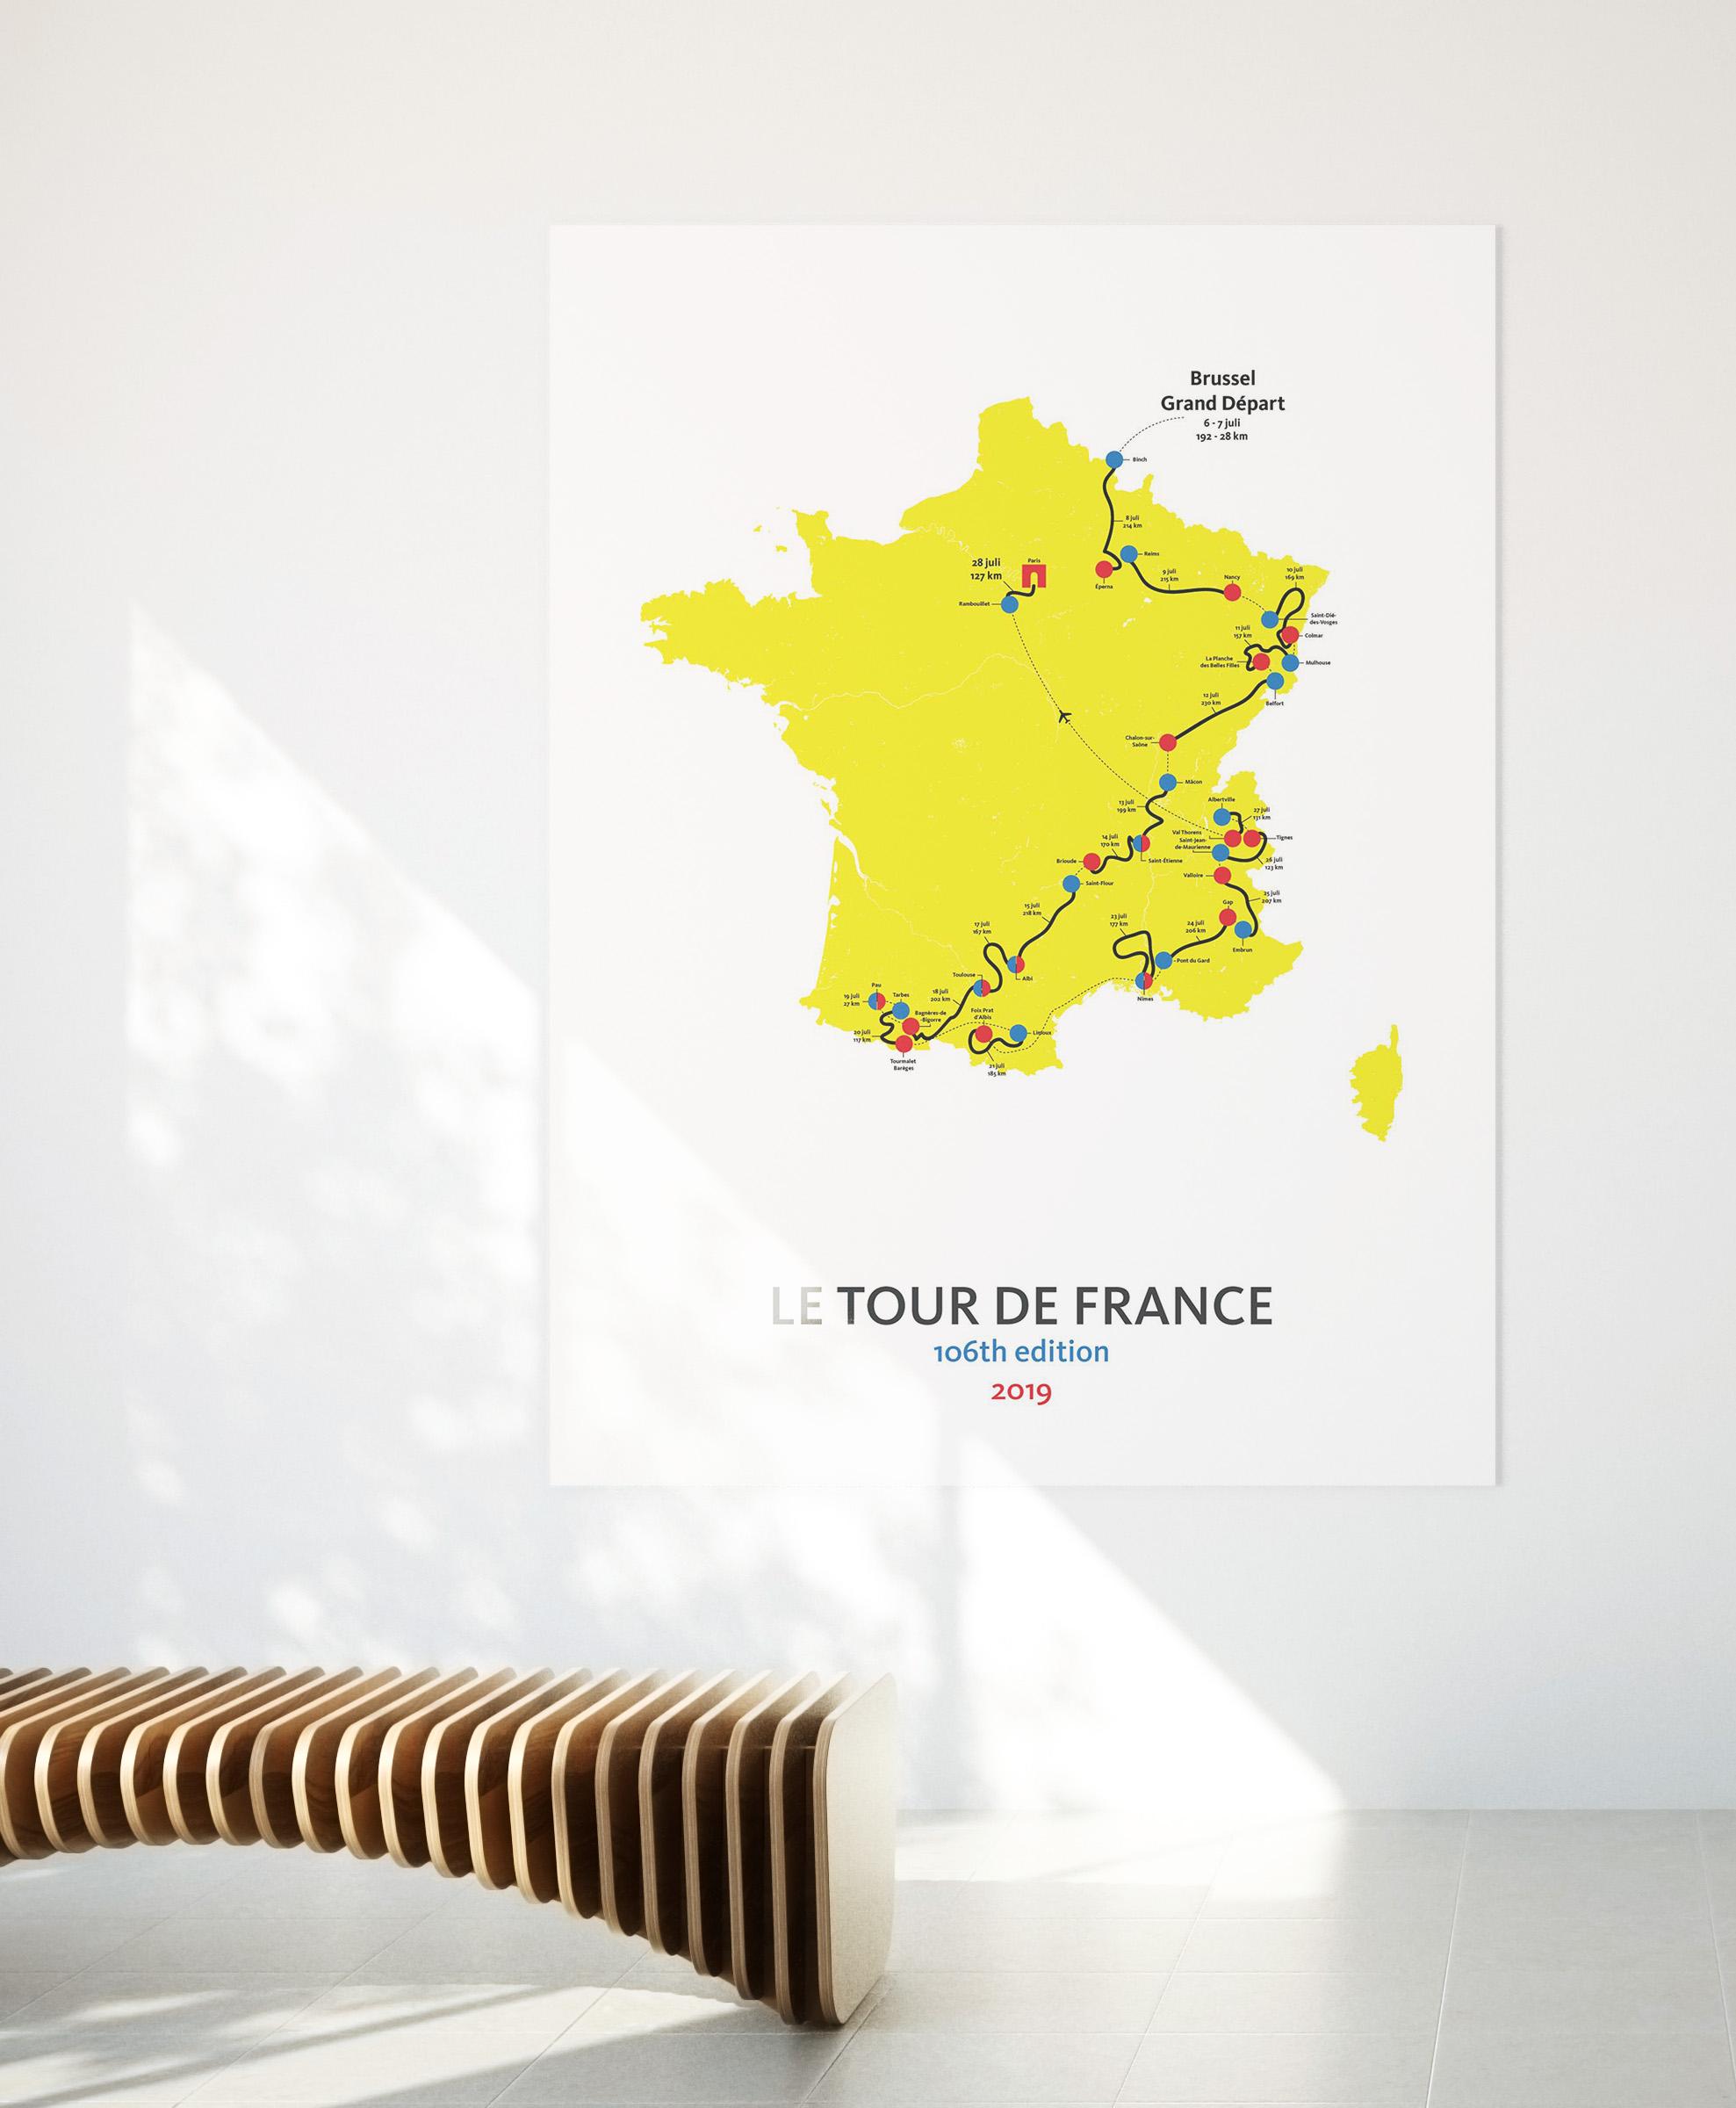 Tour de France - 2019 - poster